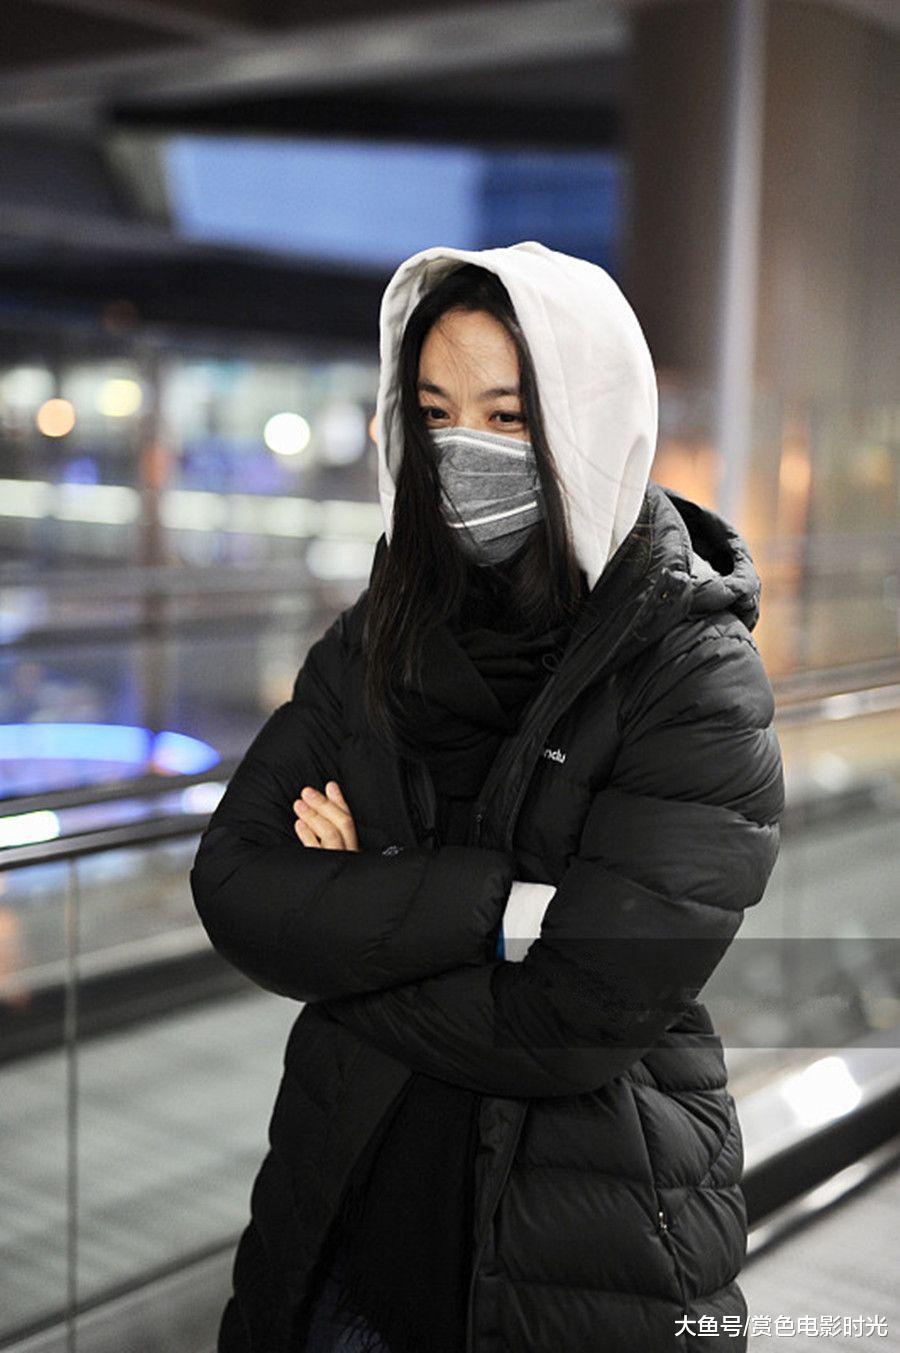 汤唯穿黑色长款羽绒服配白色卫衣现身 长发凌乱行走间文艺范十足